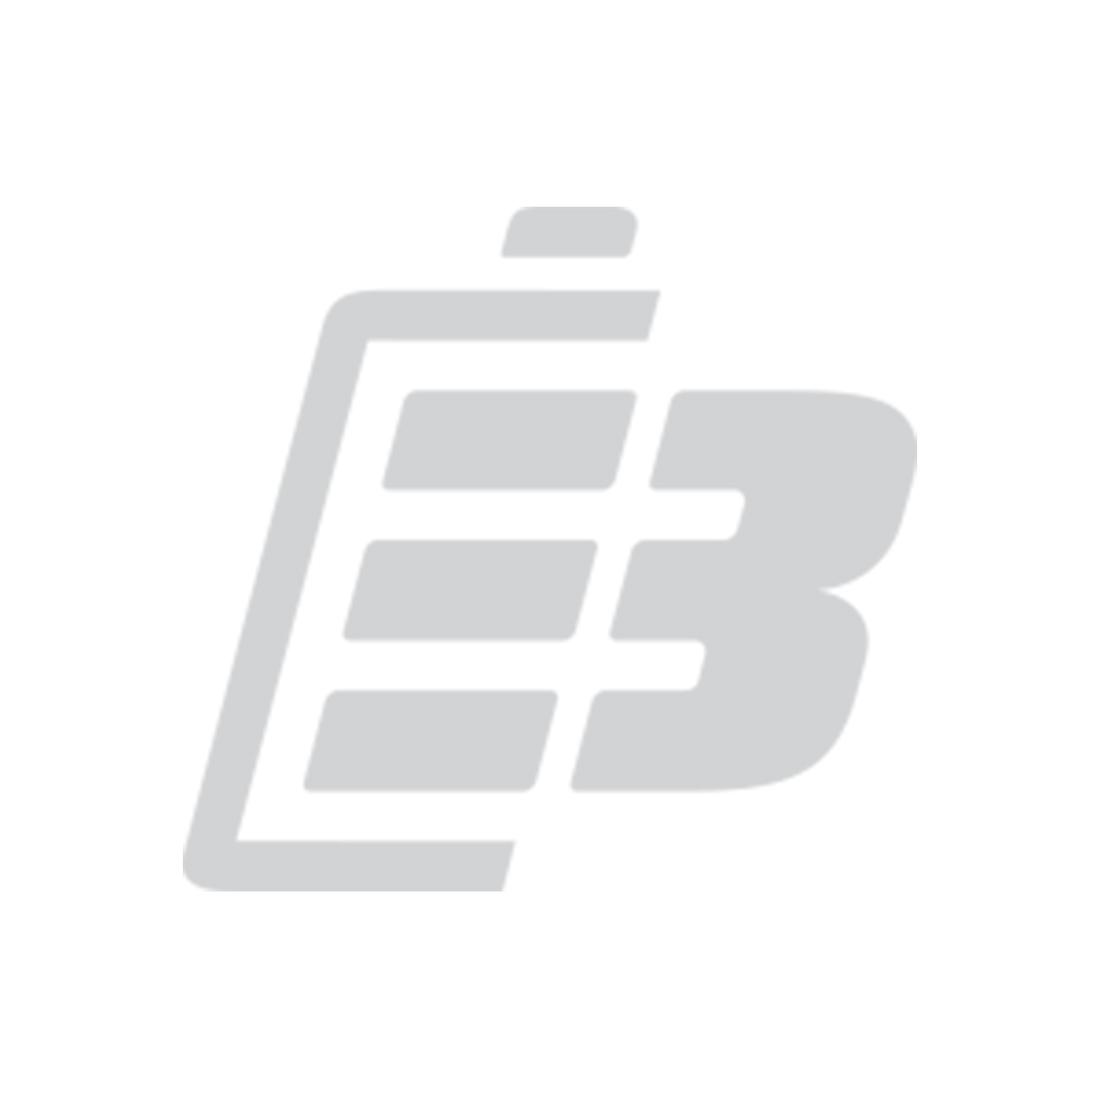 Barcode scanner battery Unitech PA600_1